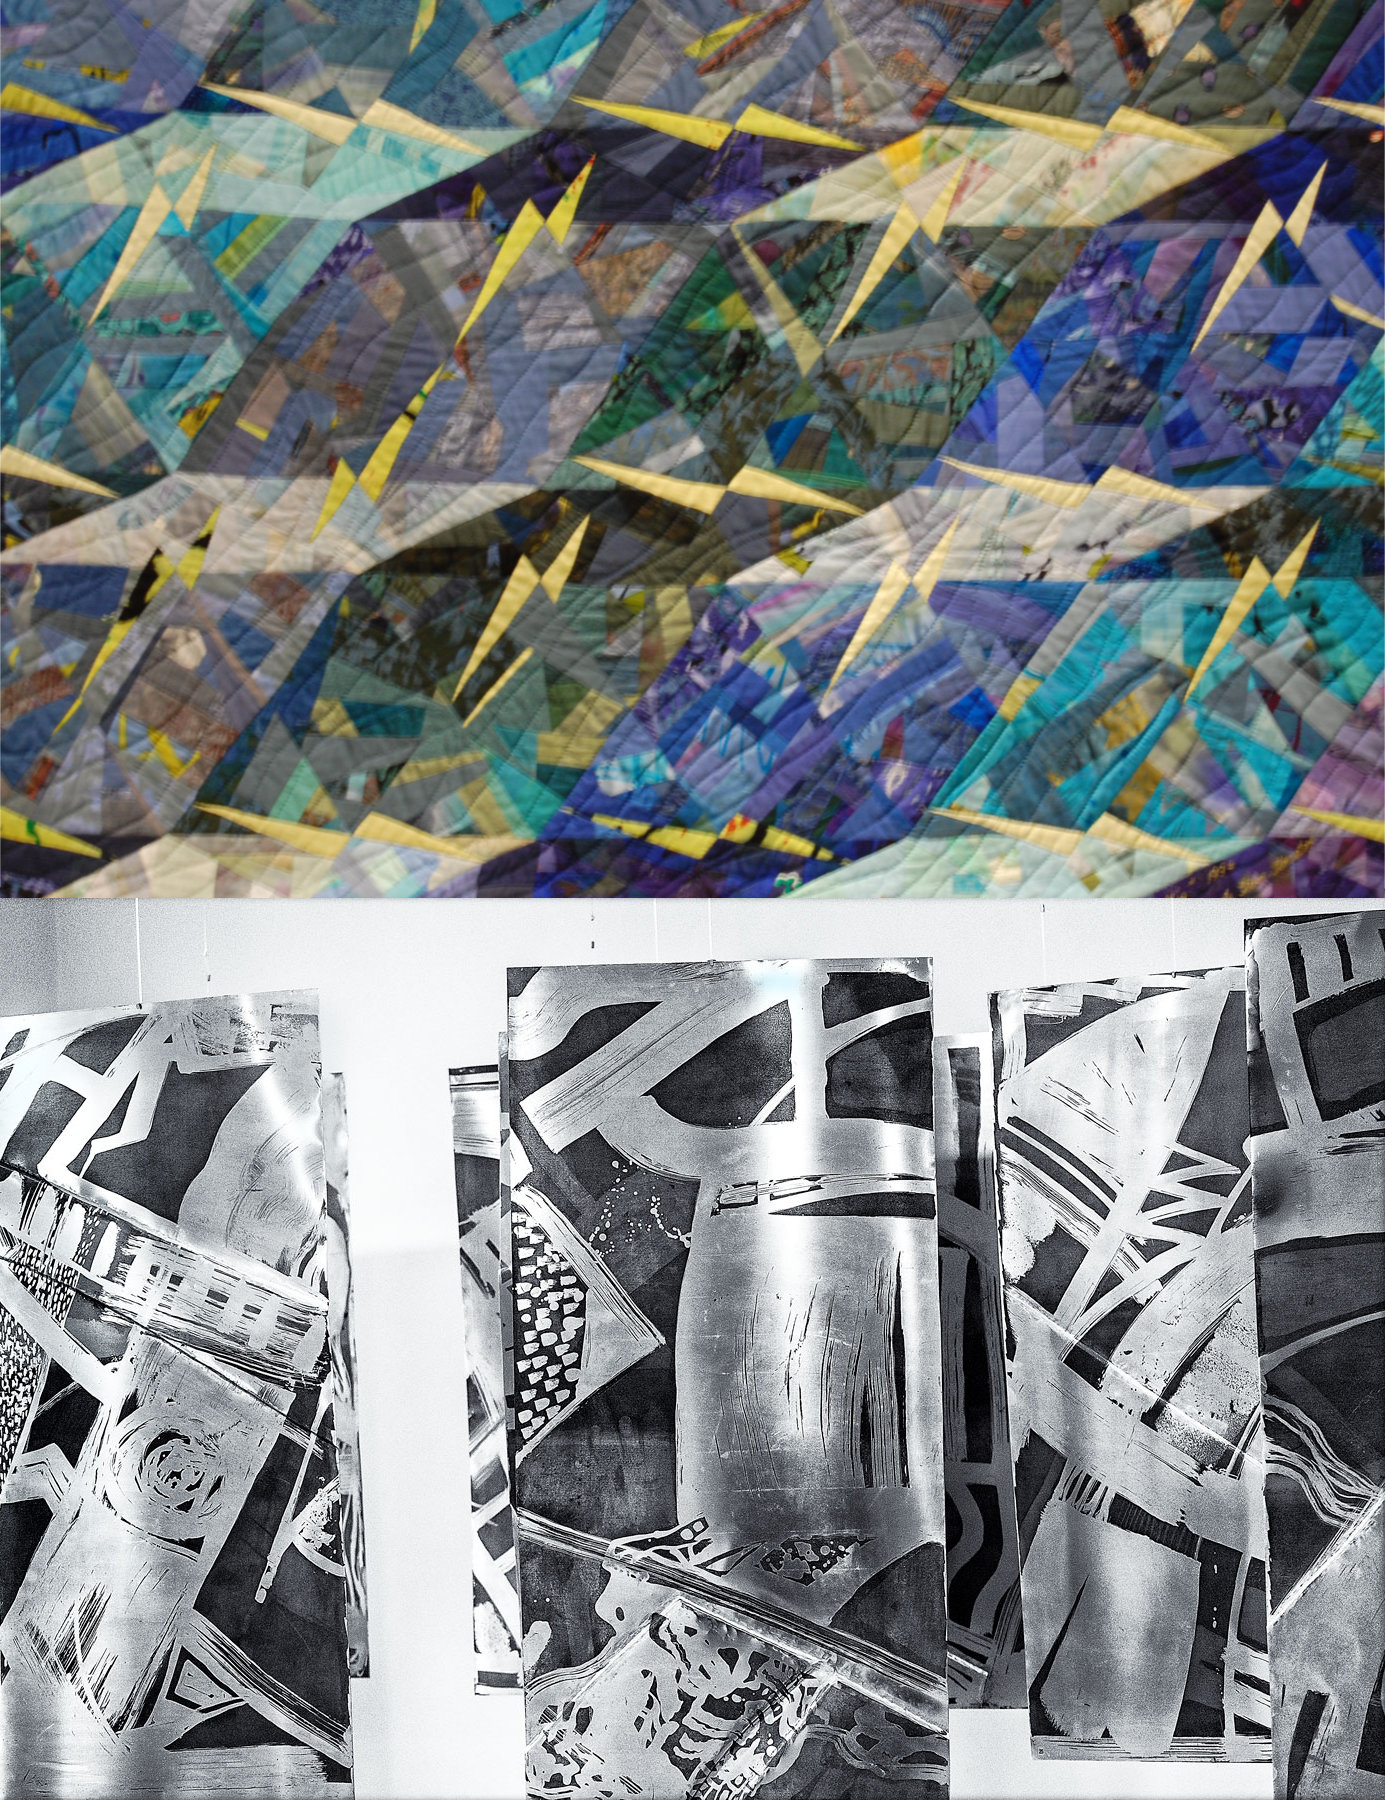 Ausstellung 29.04. - 01.06.2017 | Dorle Stern-Straeter und Ugi Radeloff | Quilts, Metallgestaltung